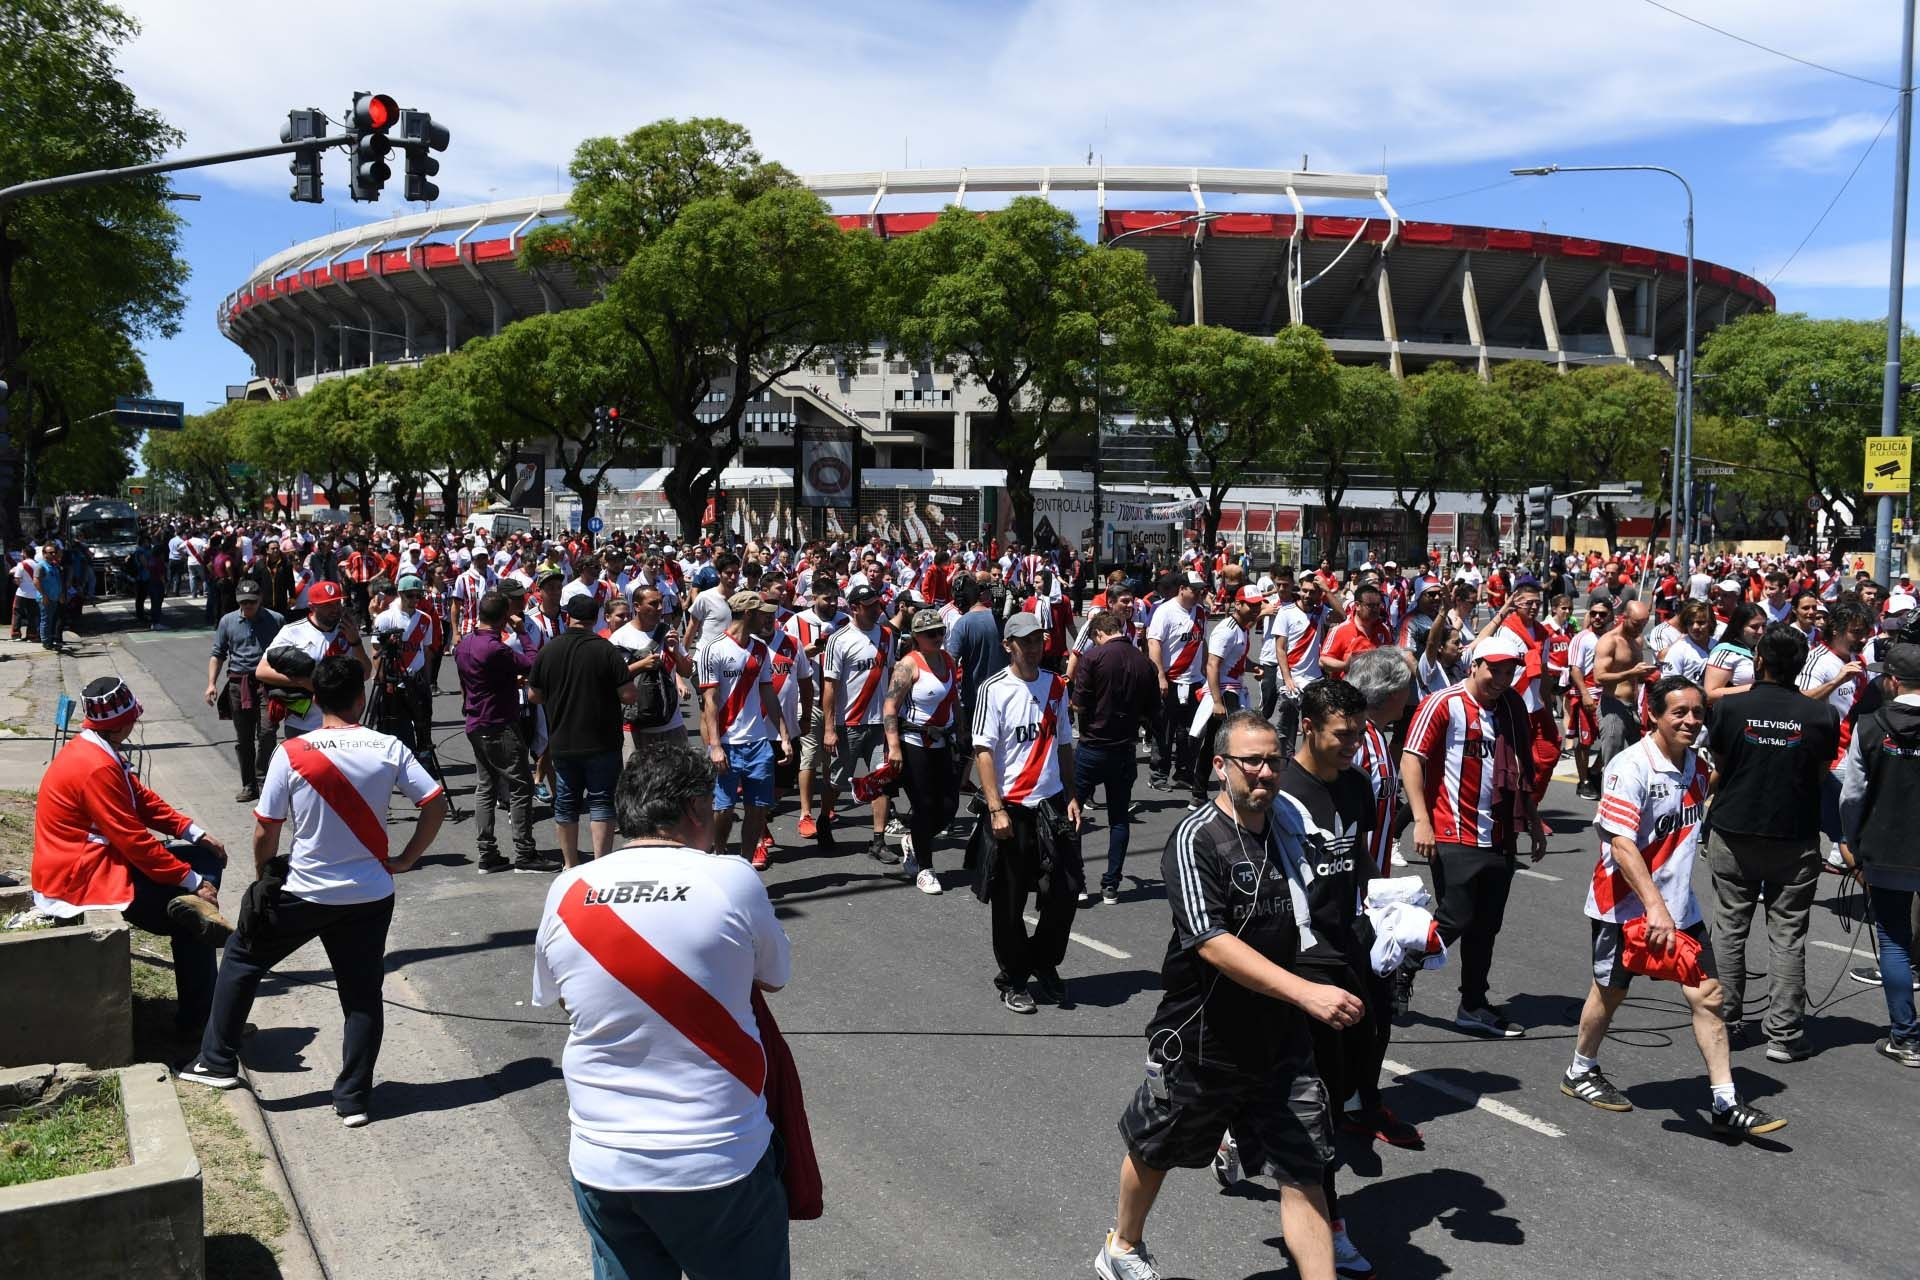 Sanción y multa para River: deberá jugar dos partidos de Copa como local a puertas cerradas